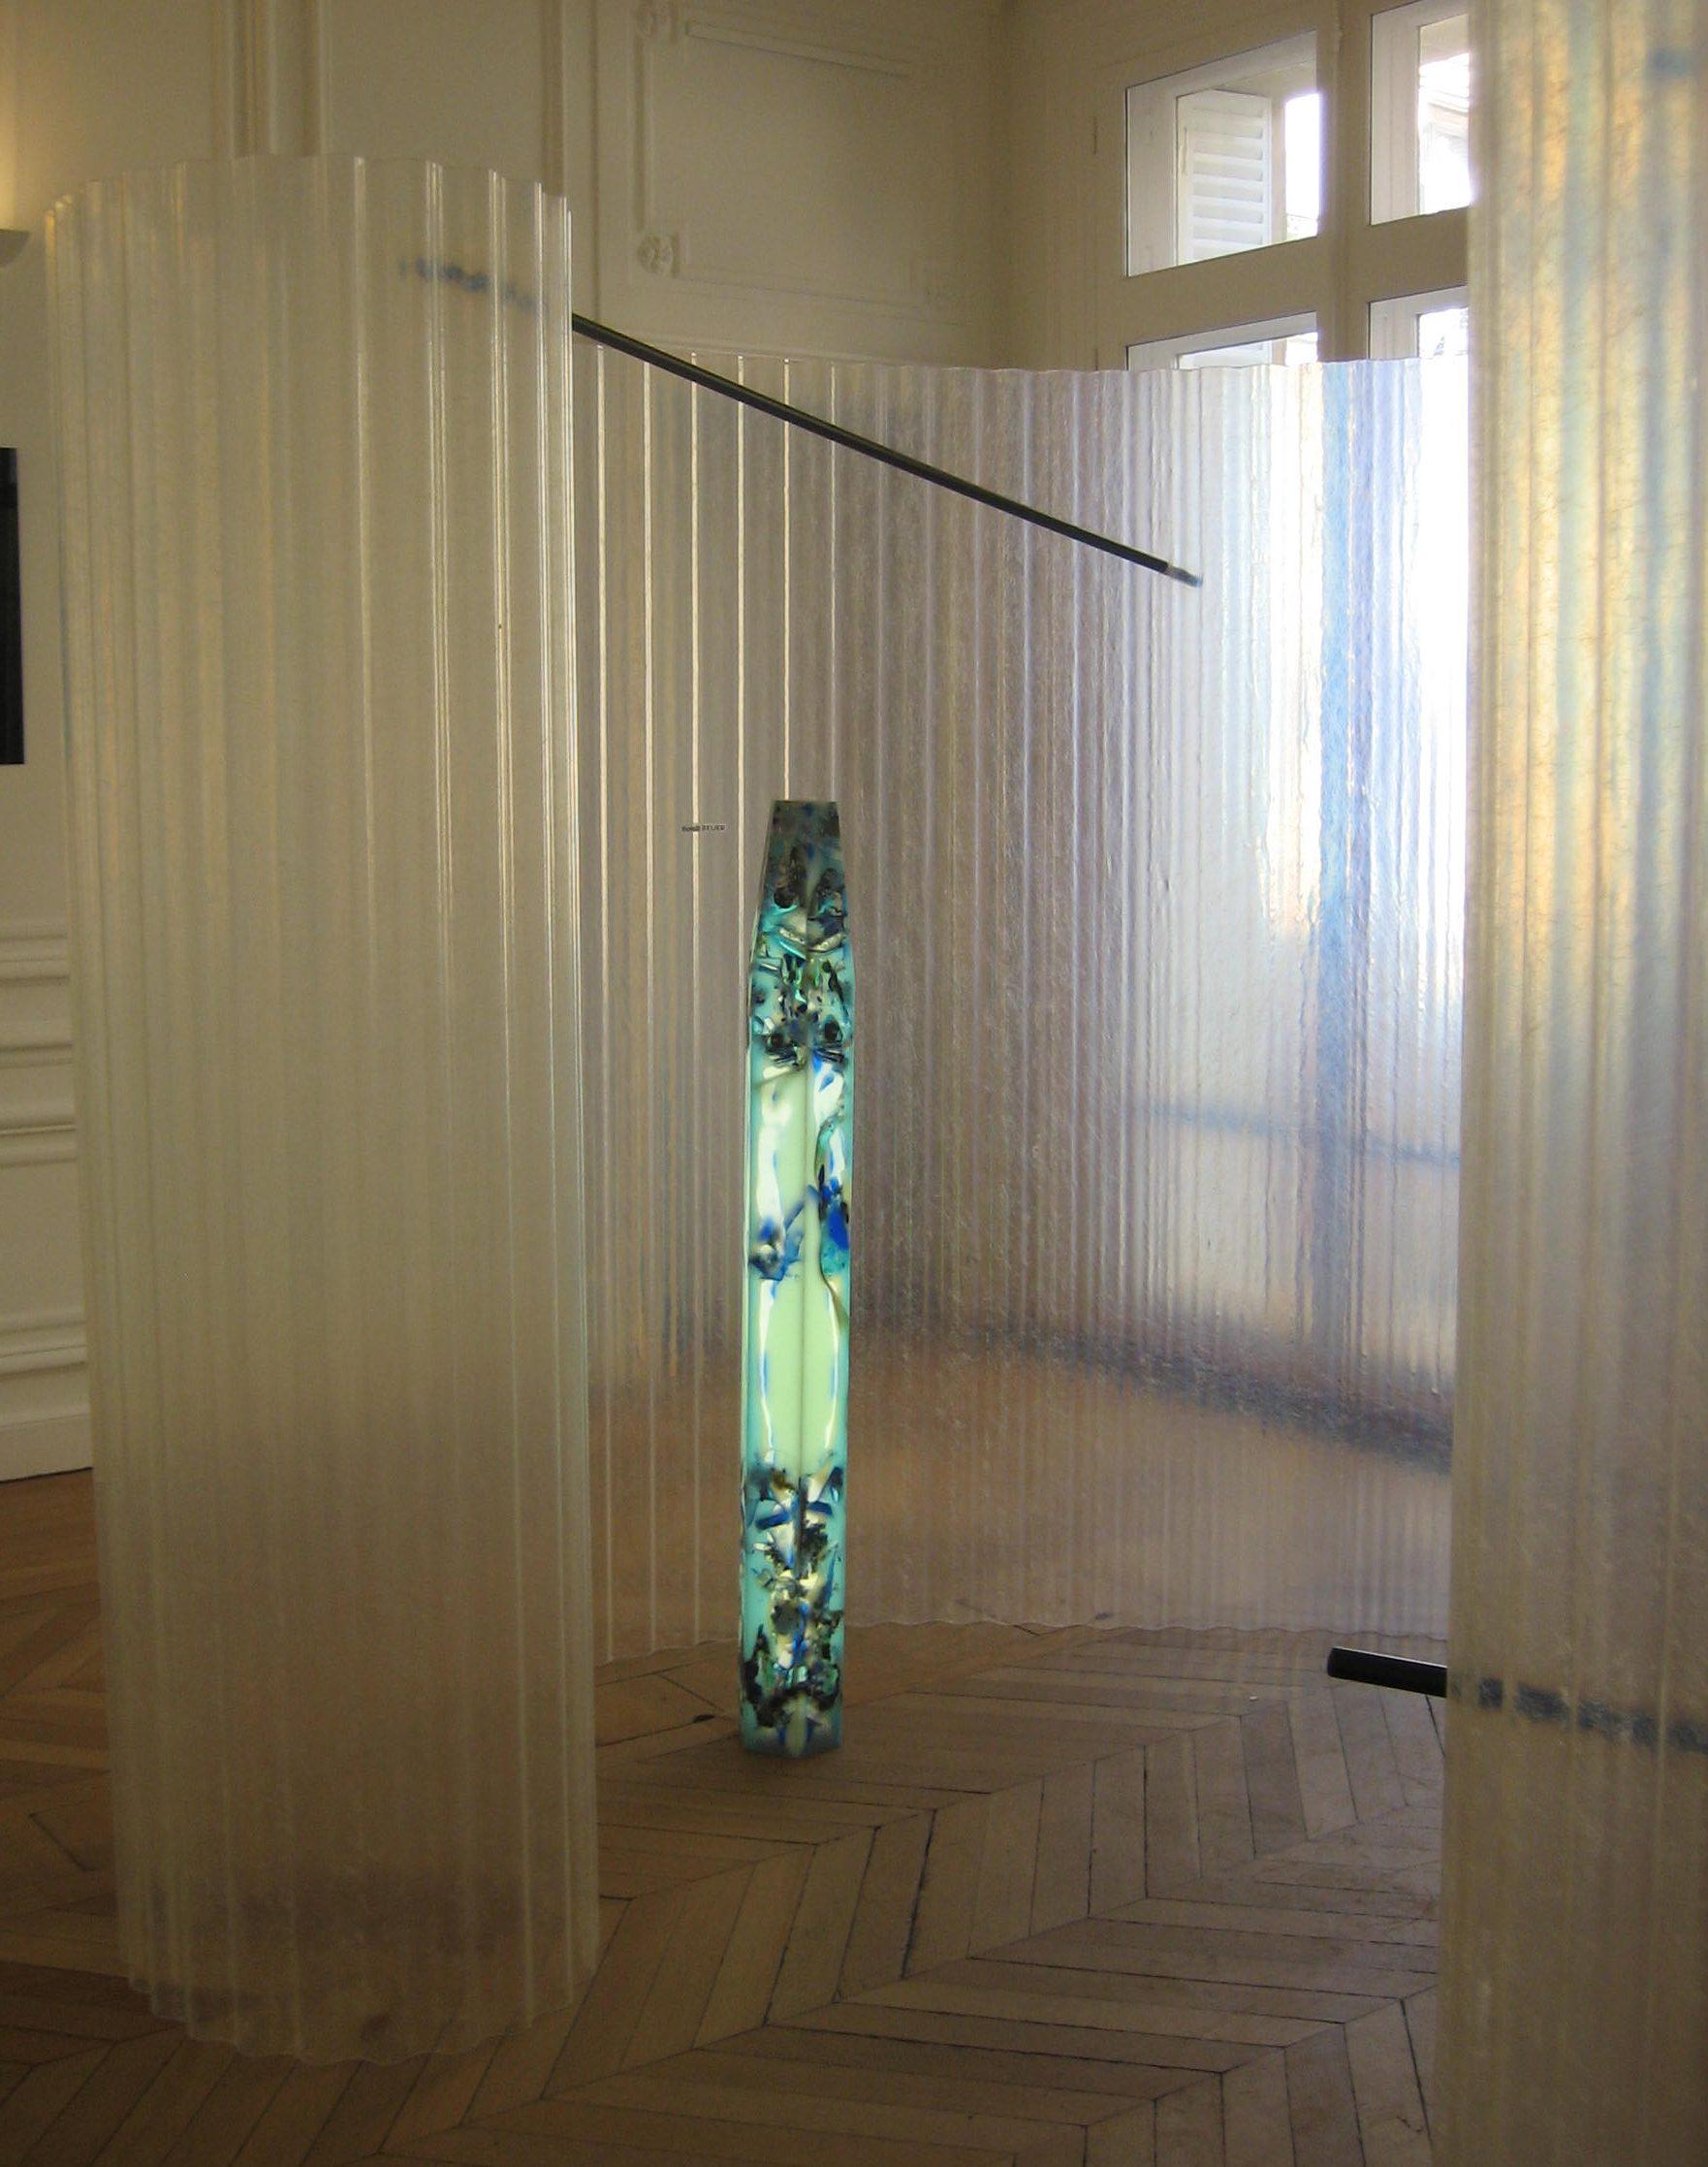 Boris de Beijer en Benedikt Fischer, lichtobject. Stralen & Reflecteren, Atelier Néerlandais, Parijs, oktober 2017. Foto Esther Doornbusch, CC BY 4.0